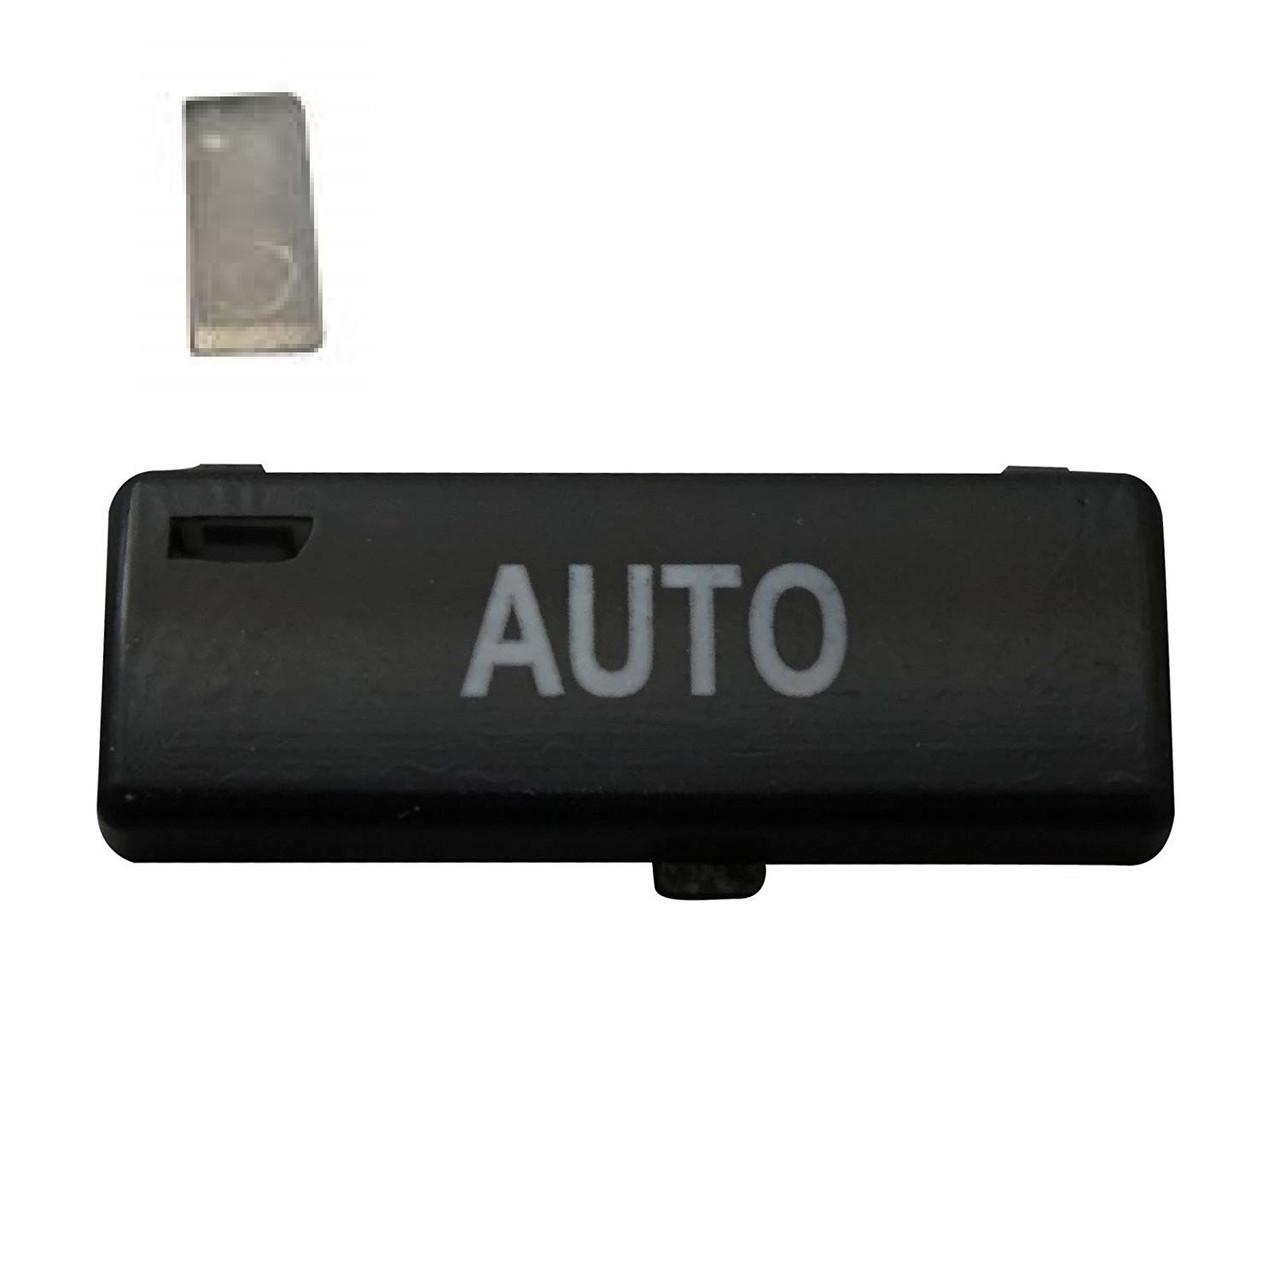 Клавиша кнопка климат контроля BMW X5 E53 64118375645 64116915812 АВТО автоматическое распределение воздуха